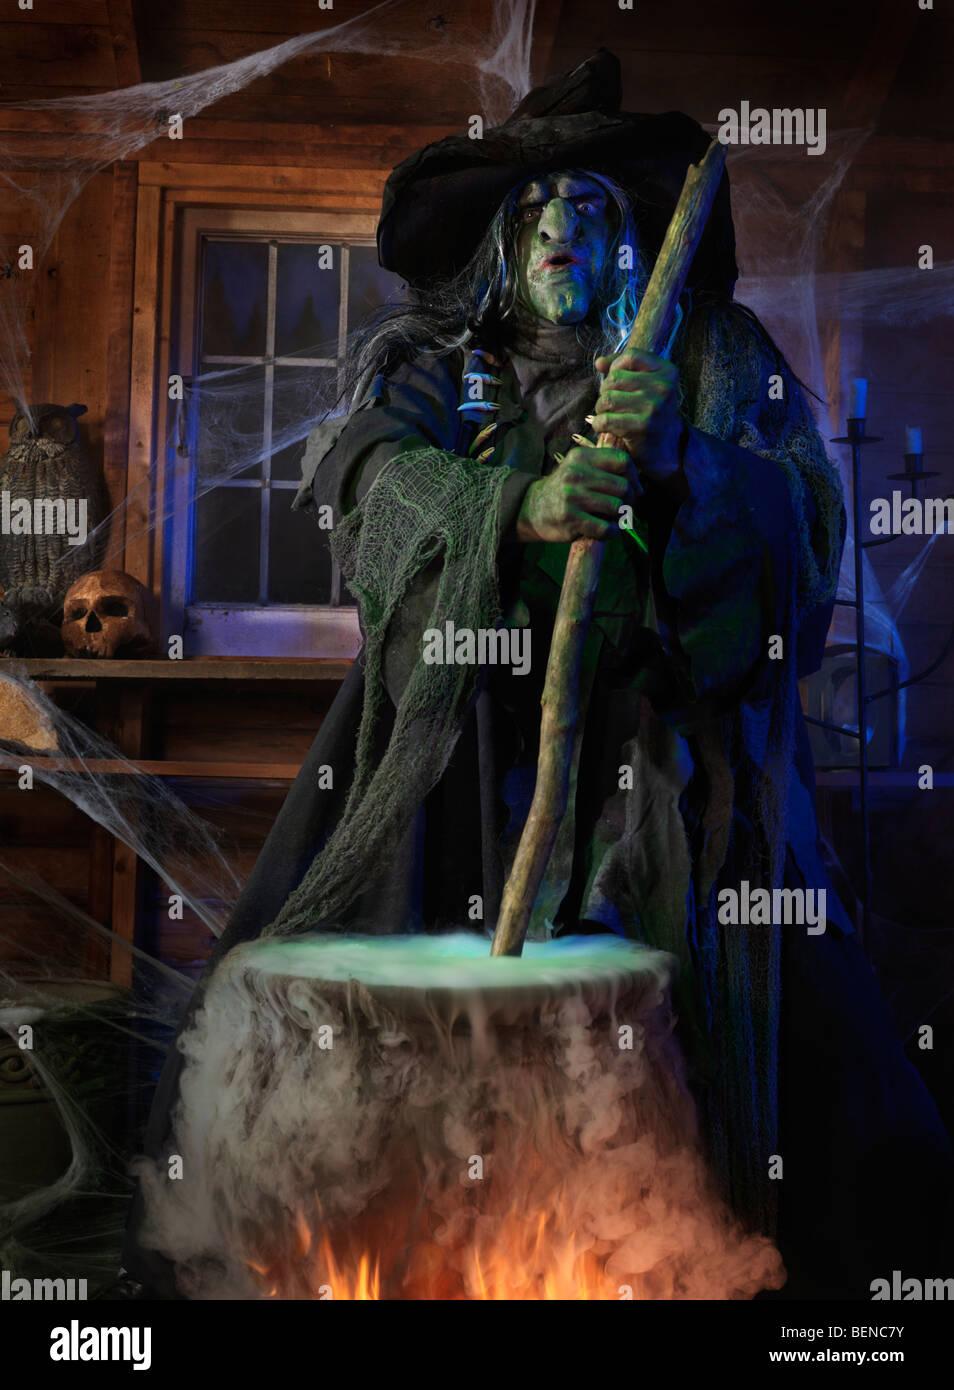 Gruselige alte Hexe rühren trank in einem Kessel in ihrer Kabine zu Halloween Stockbild